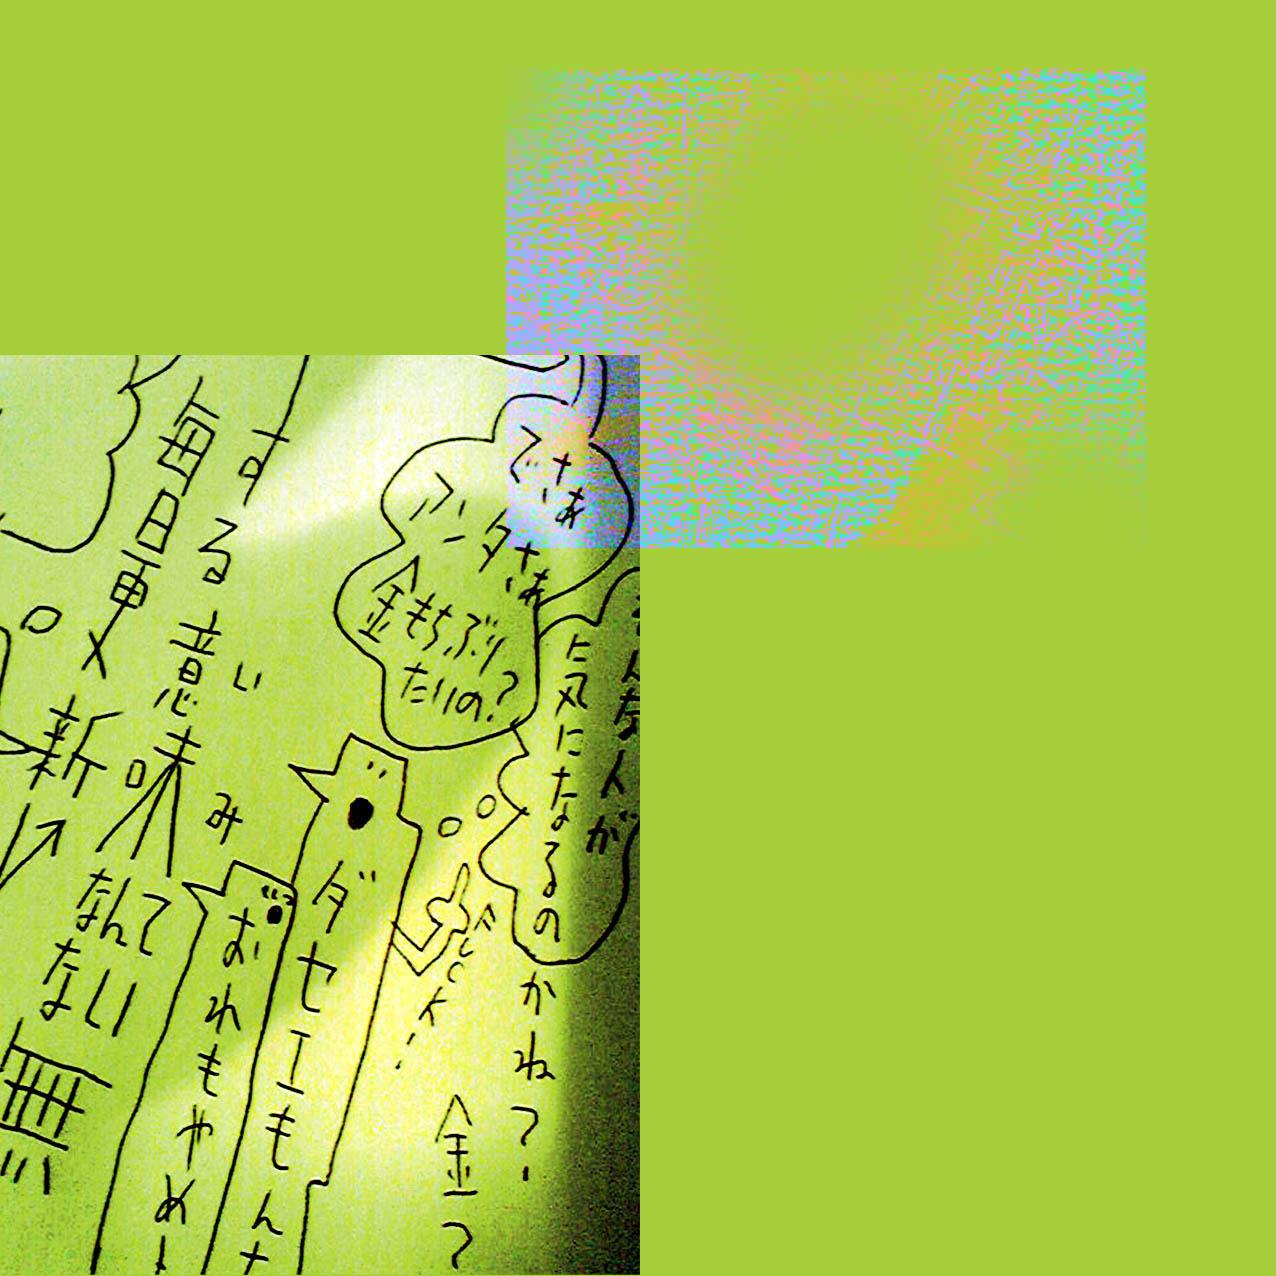 f0136780_23134564.jpg